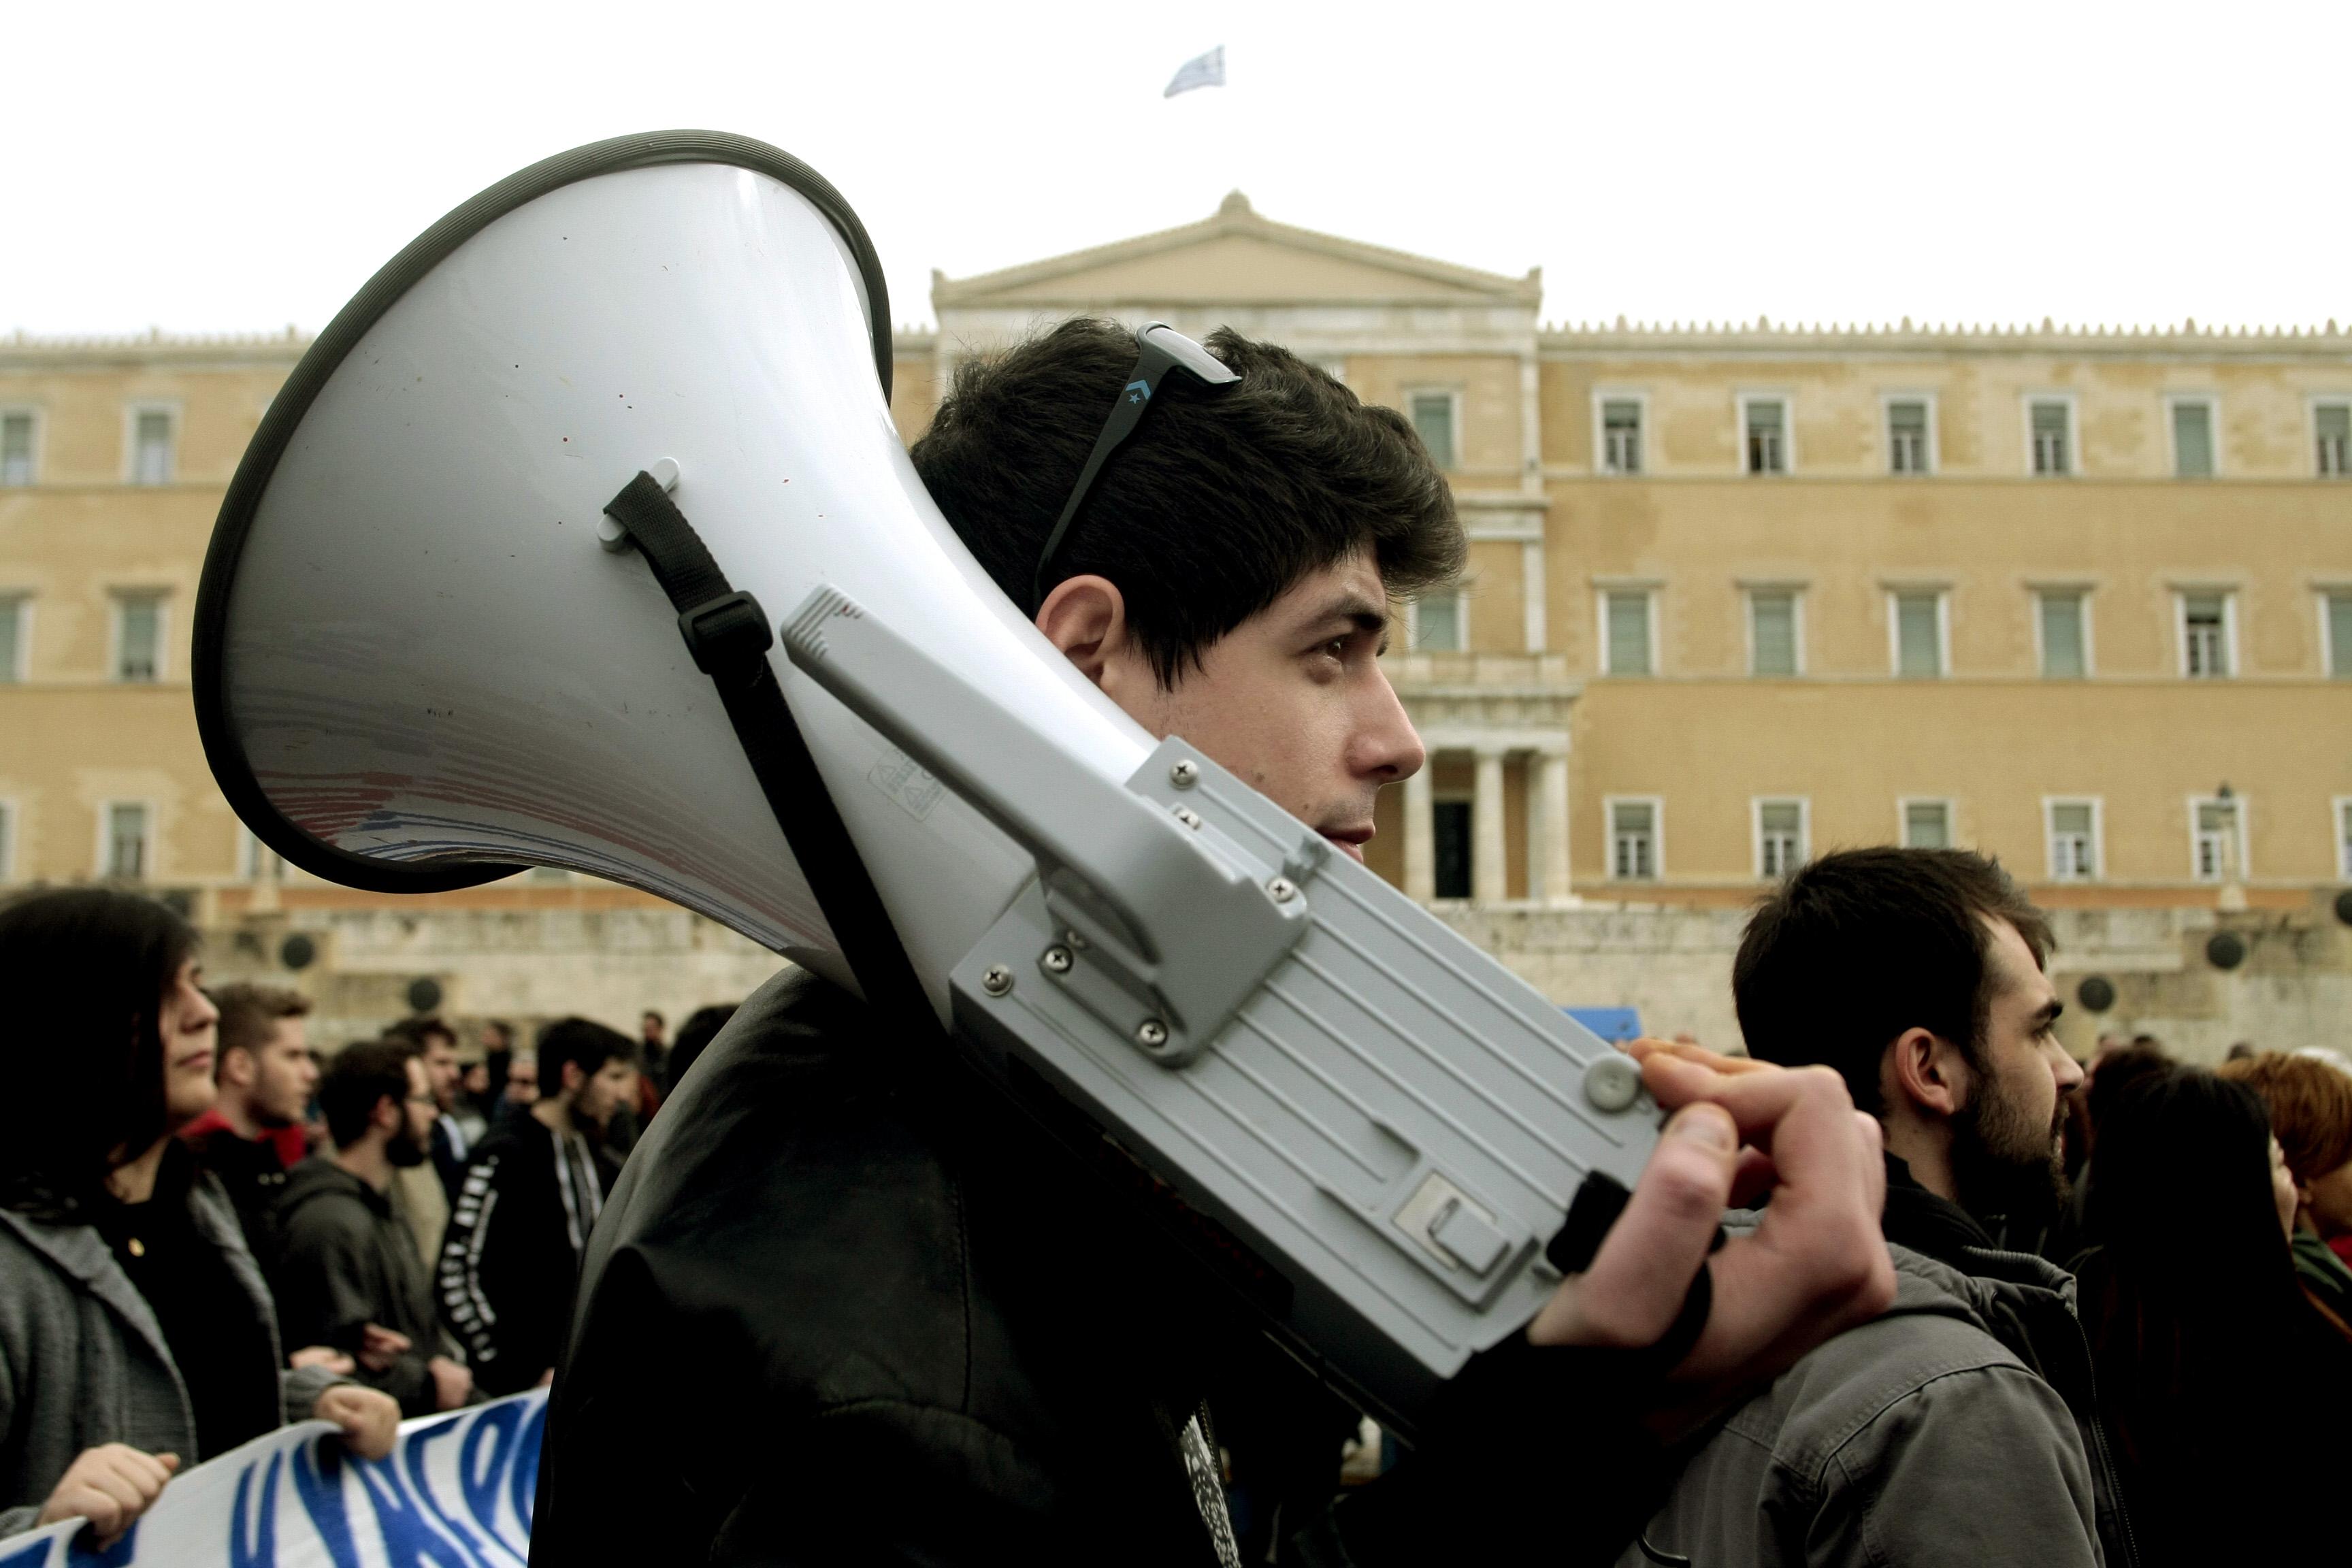 Συμφωνία 5 σημείων ΓΣΕΕ-εργοδοτών για κοινό μέτωπο στα εργασιακά   tovima.gr